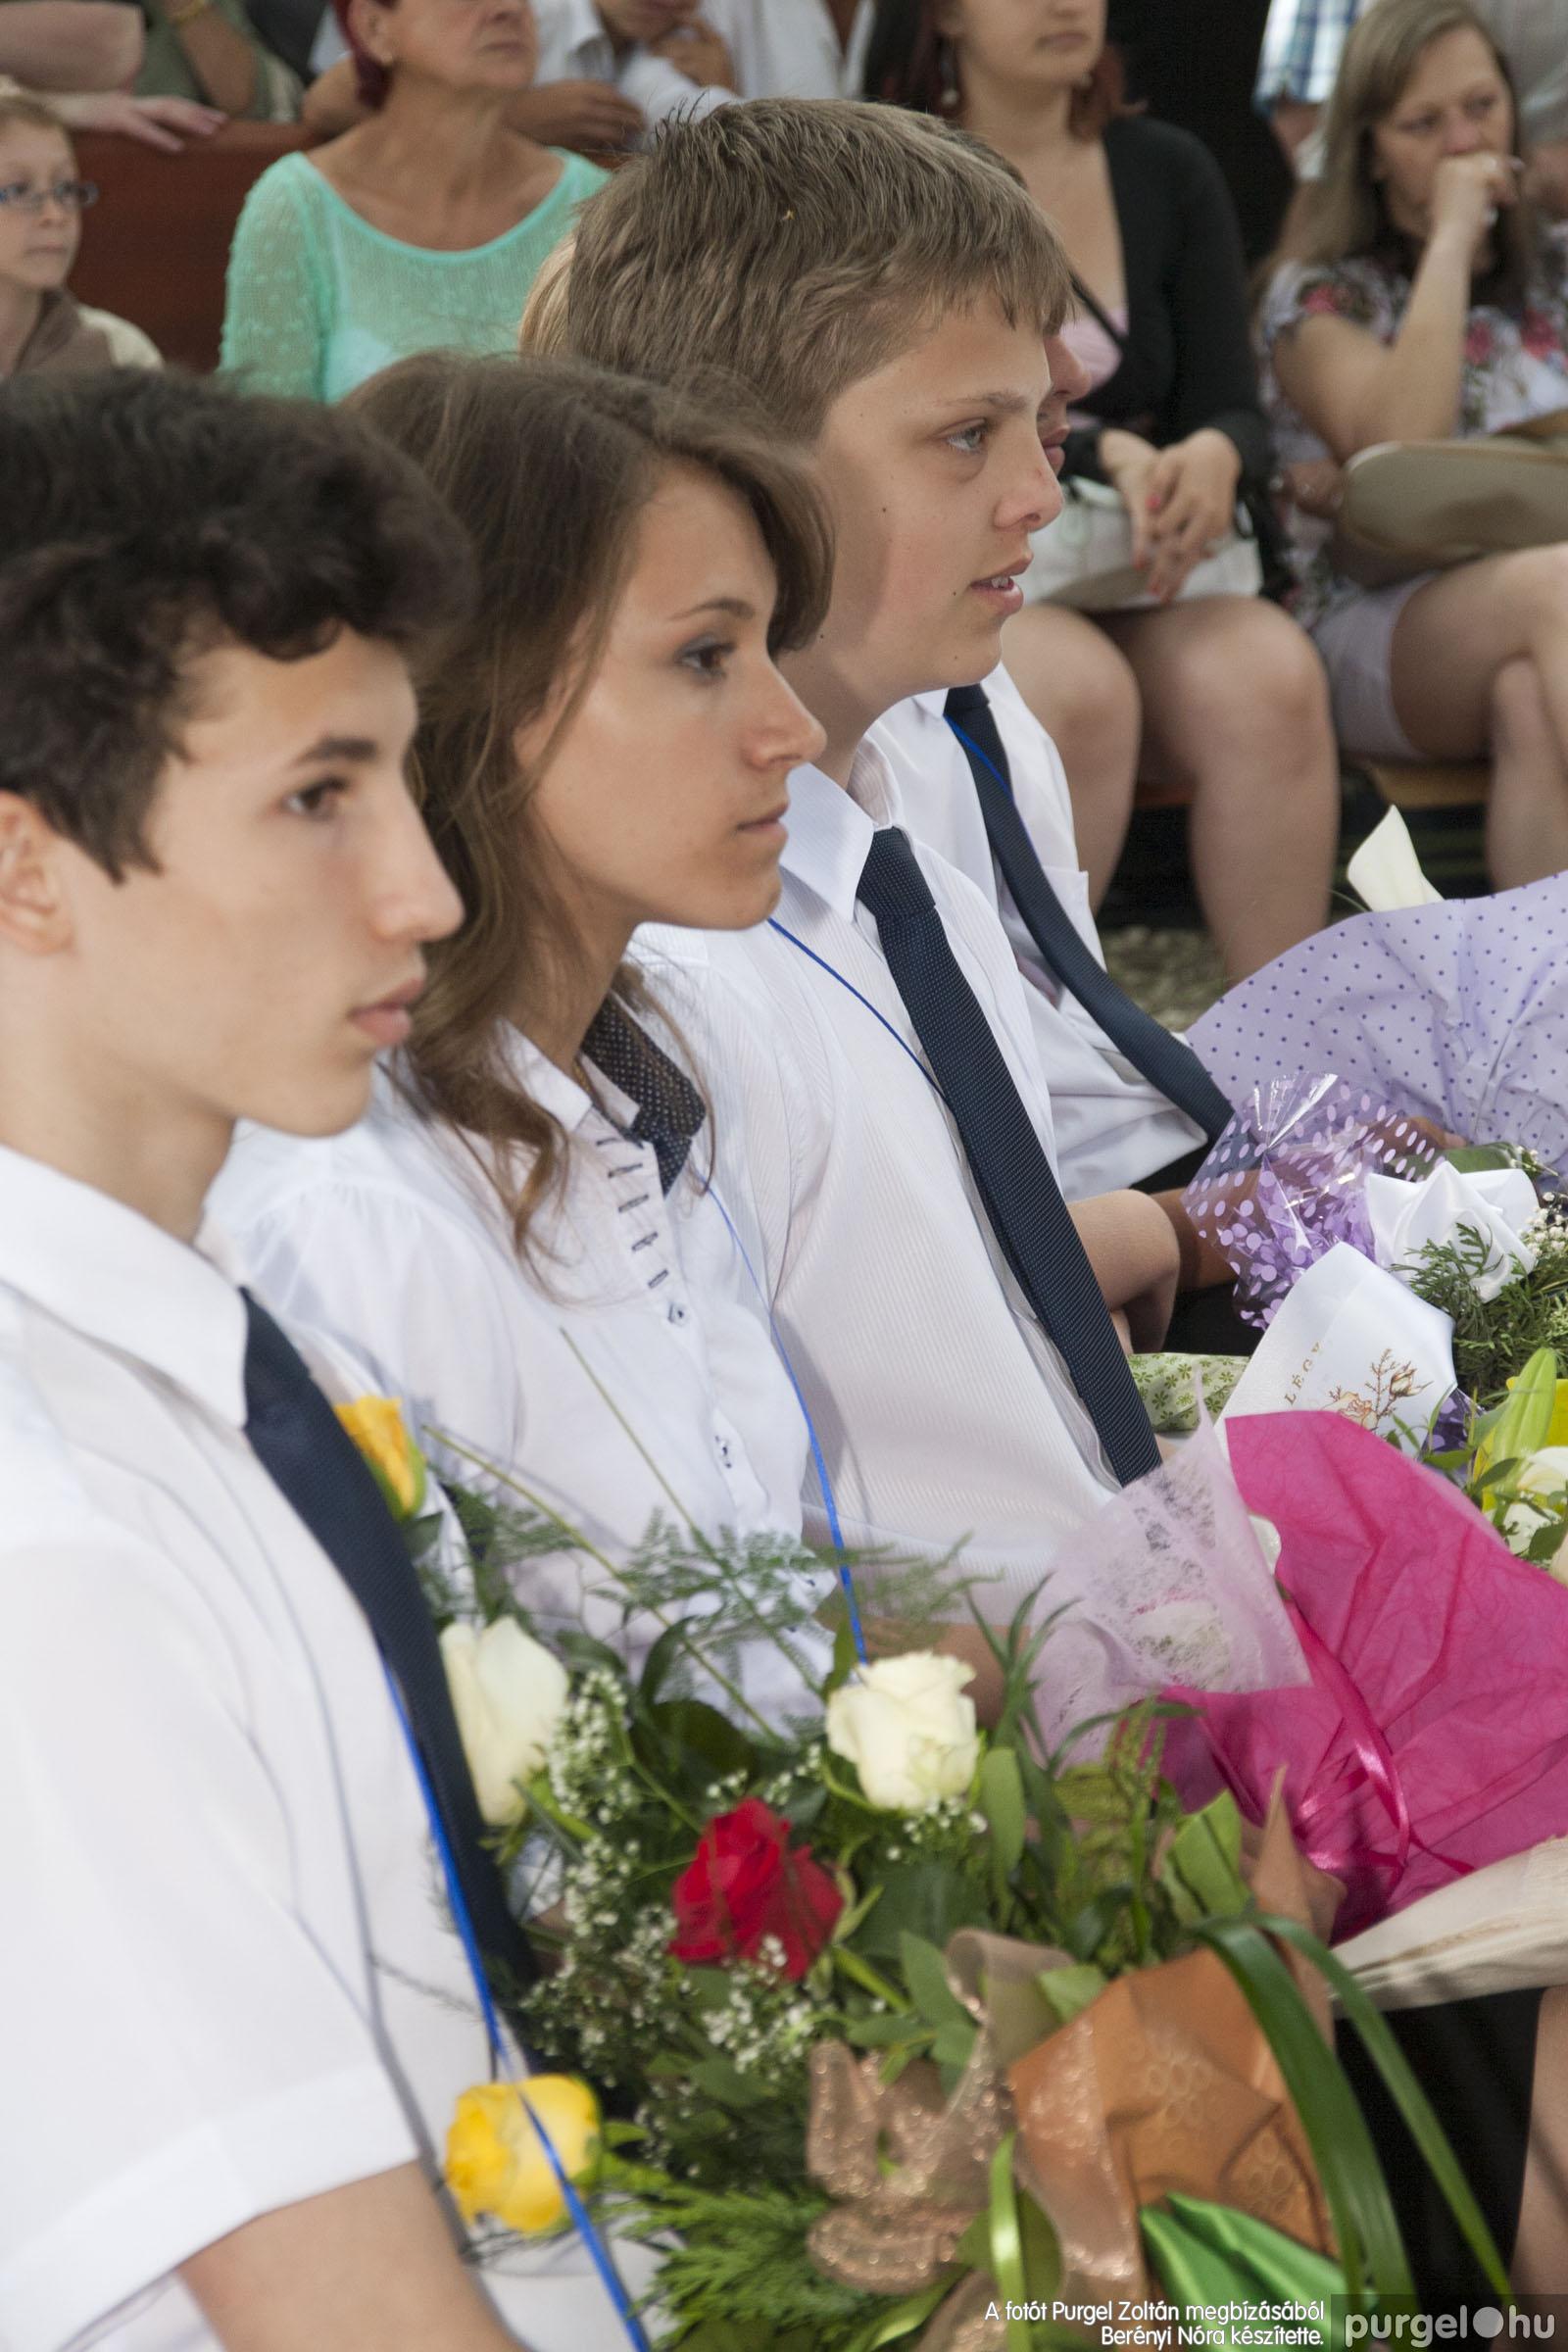 2014.06.14. 248 Forray Máté Általános Iskola ballagás 2014. - Fotó:BERÉNYI NÓRA© _MG_5916.jpg